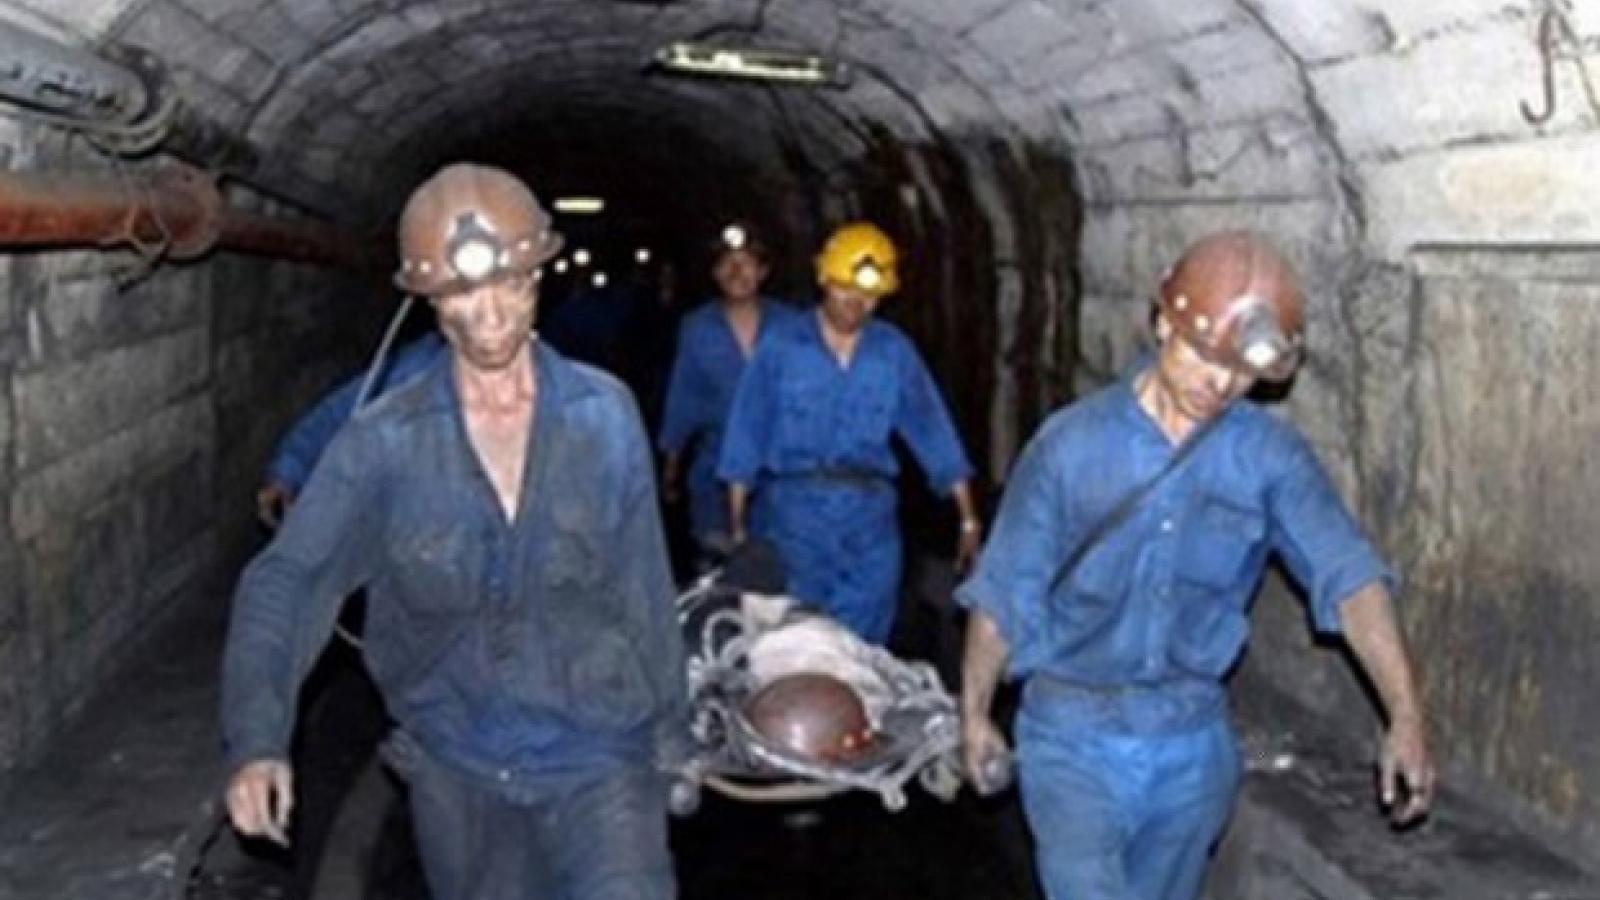 Tai nạn lao động tại Công ty than Khe Chàm, 1 công nhân tử vong